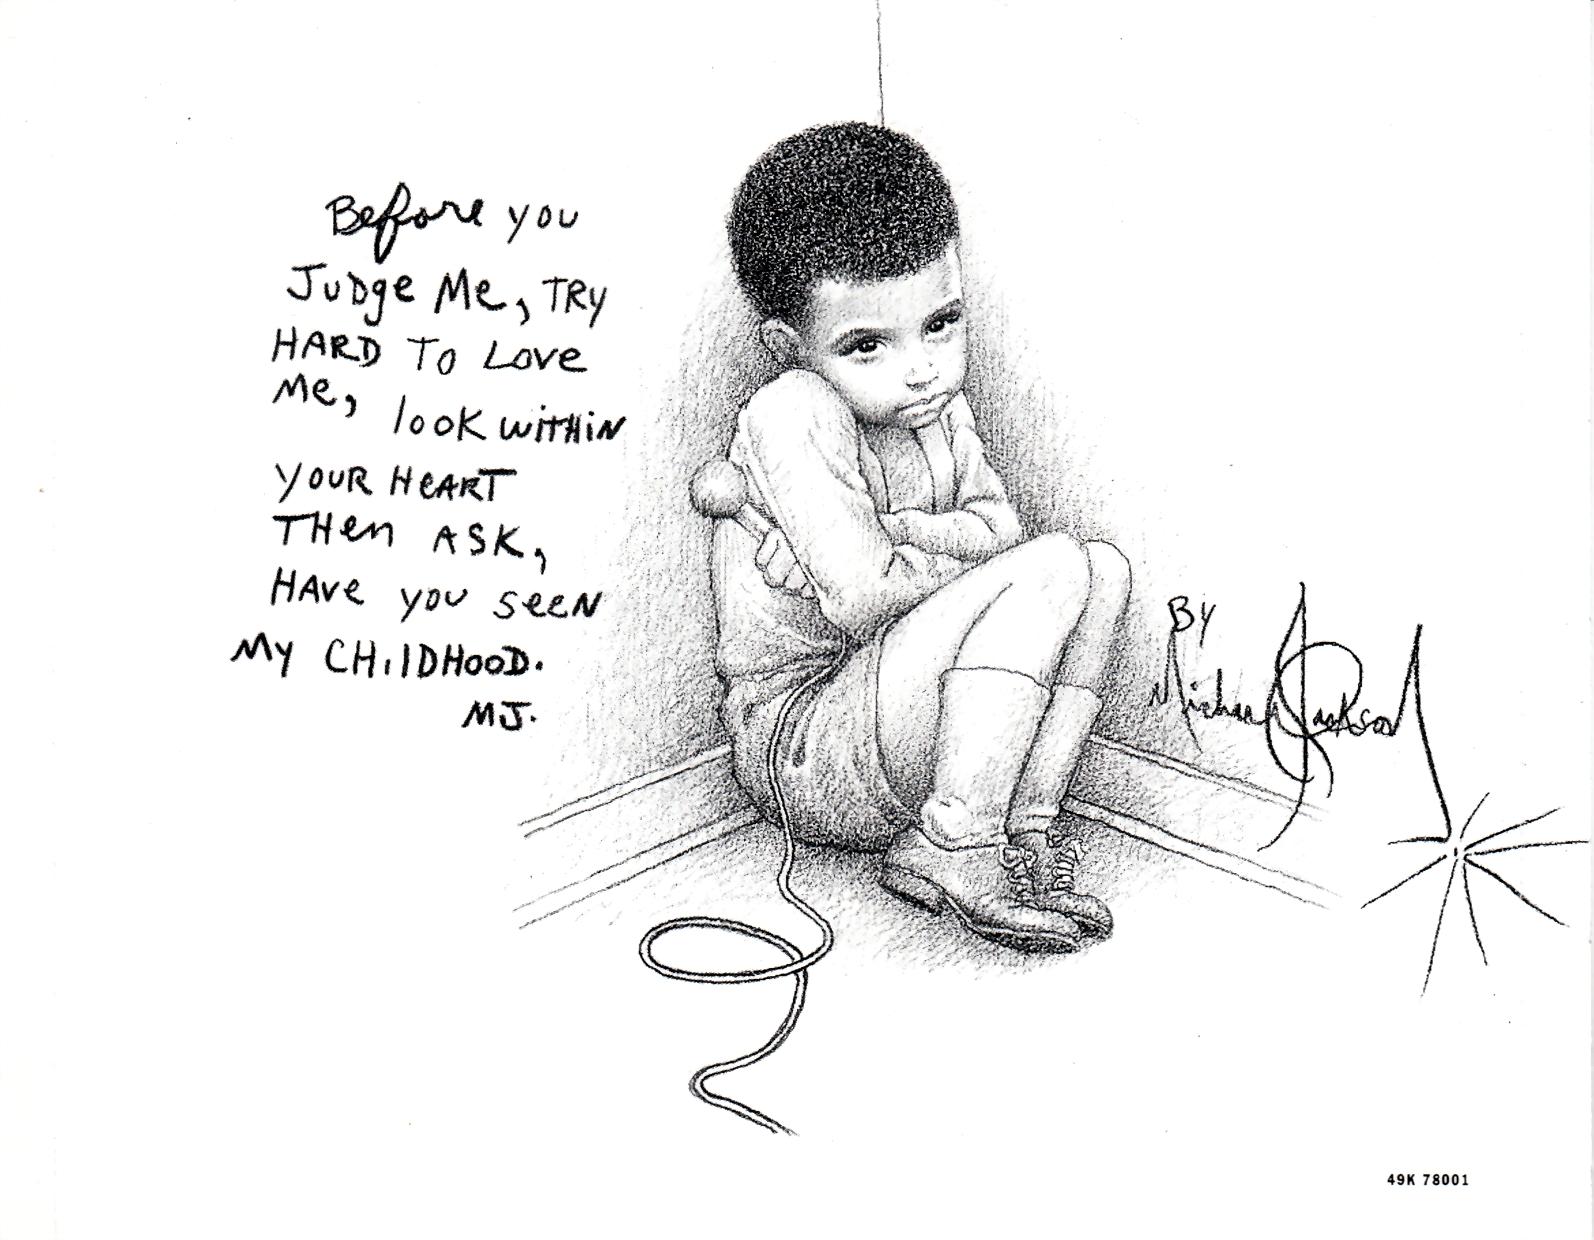 http://1.bp.blogspot.com/-brHnkC9fst4/Tyjotb9ZvPI/AAAAAAAAHsw/9qa_v_7nc8Q/s1600/00-Michael_Jackson-Scream_-_Childhood-%2528CDM%2529-1995-%25282%2529-hlm.JPG